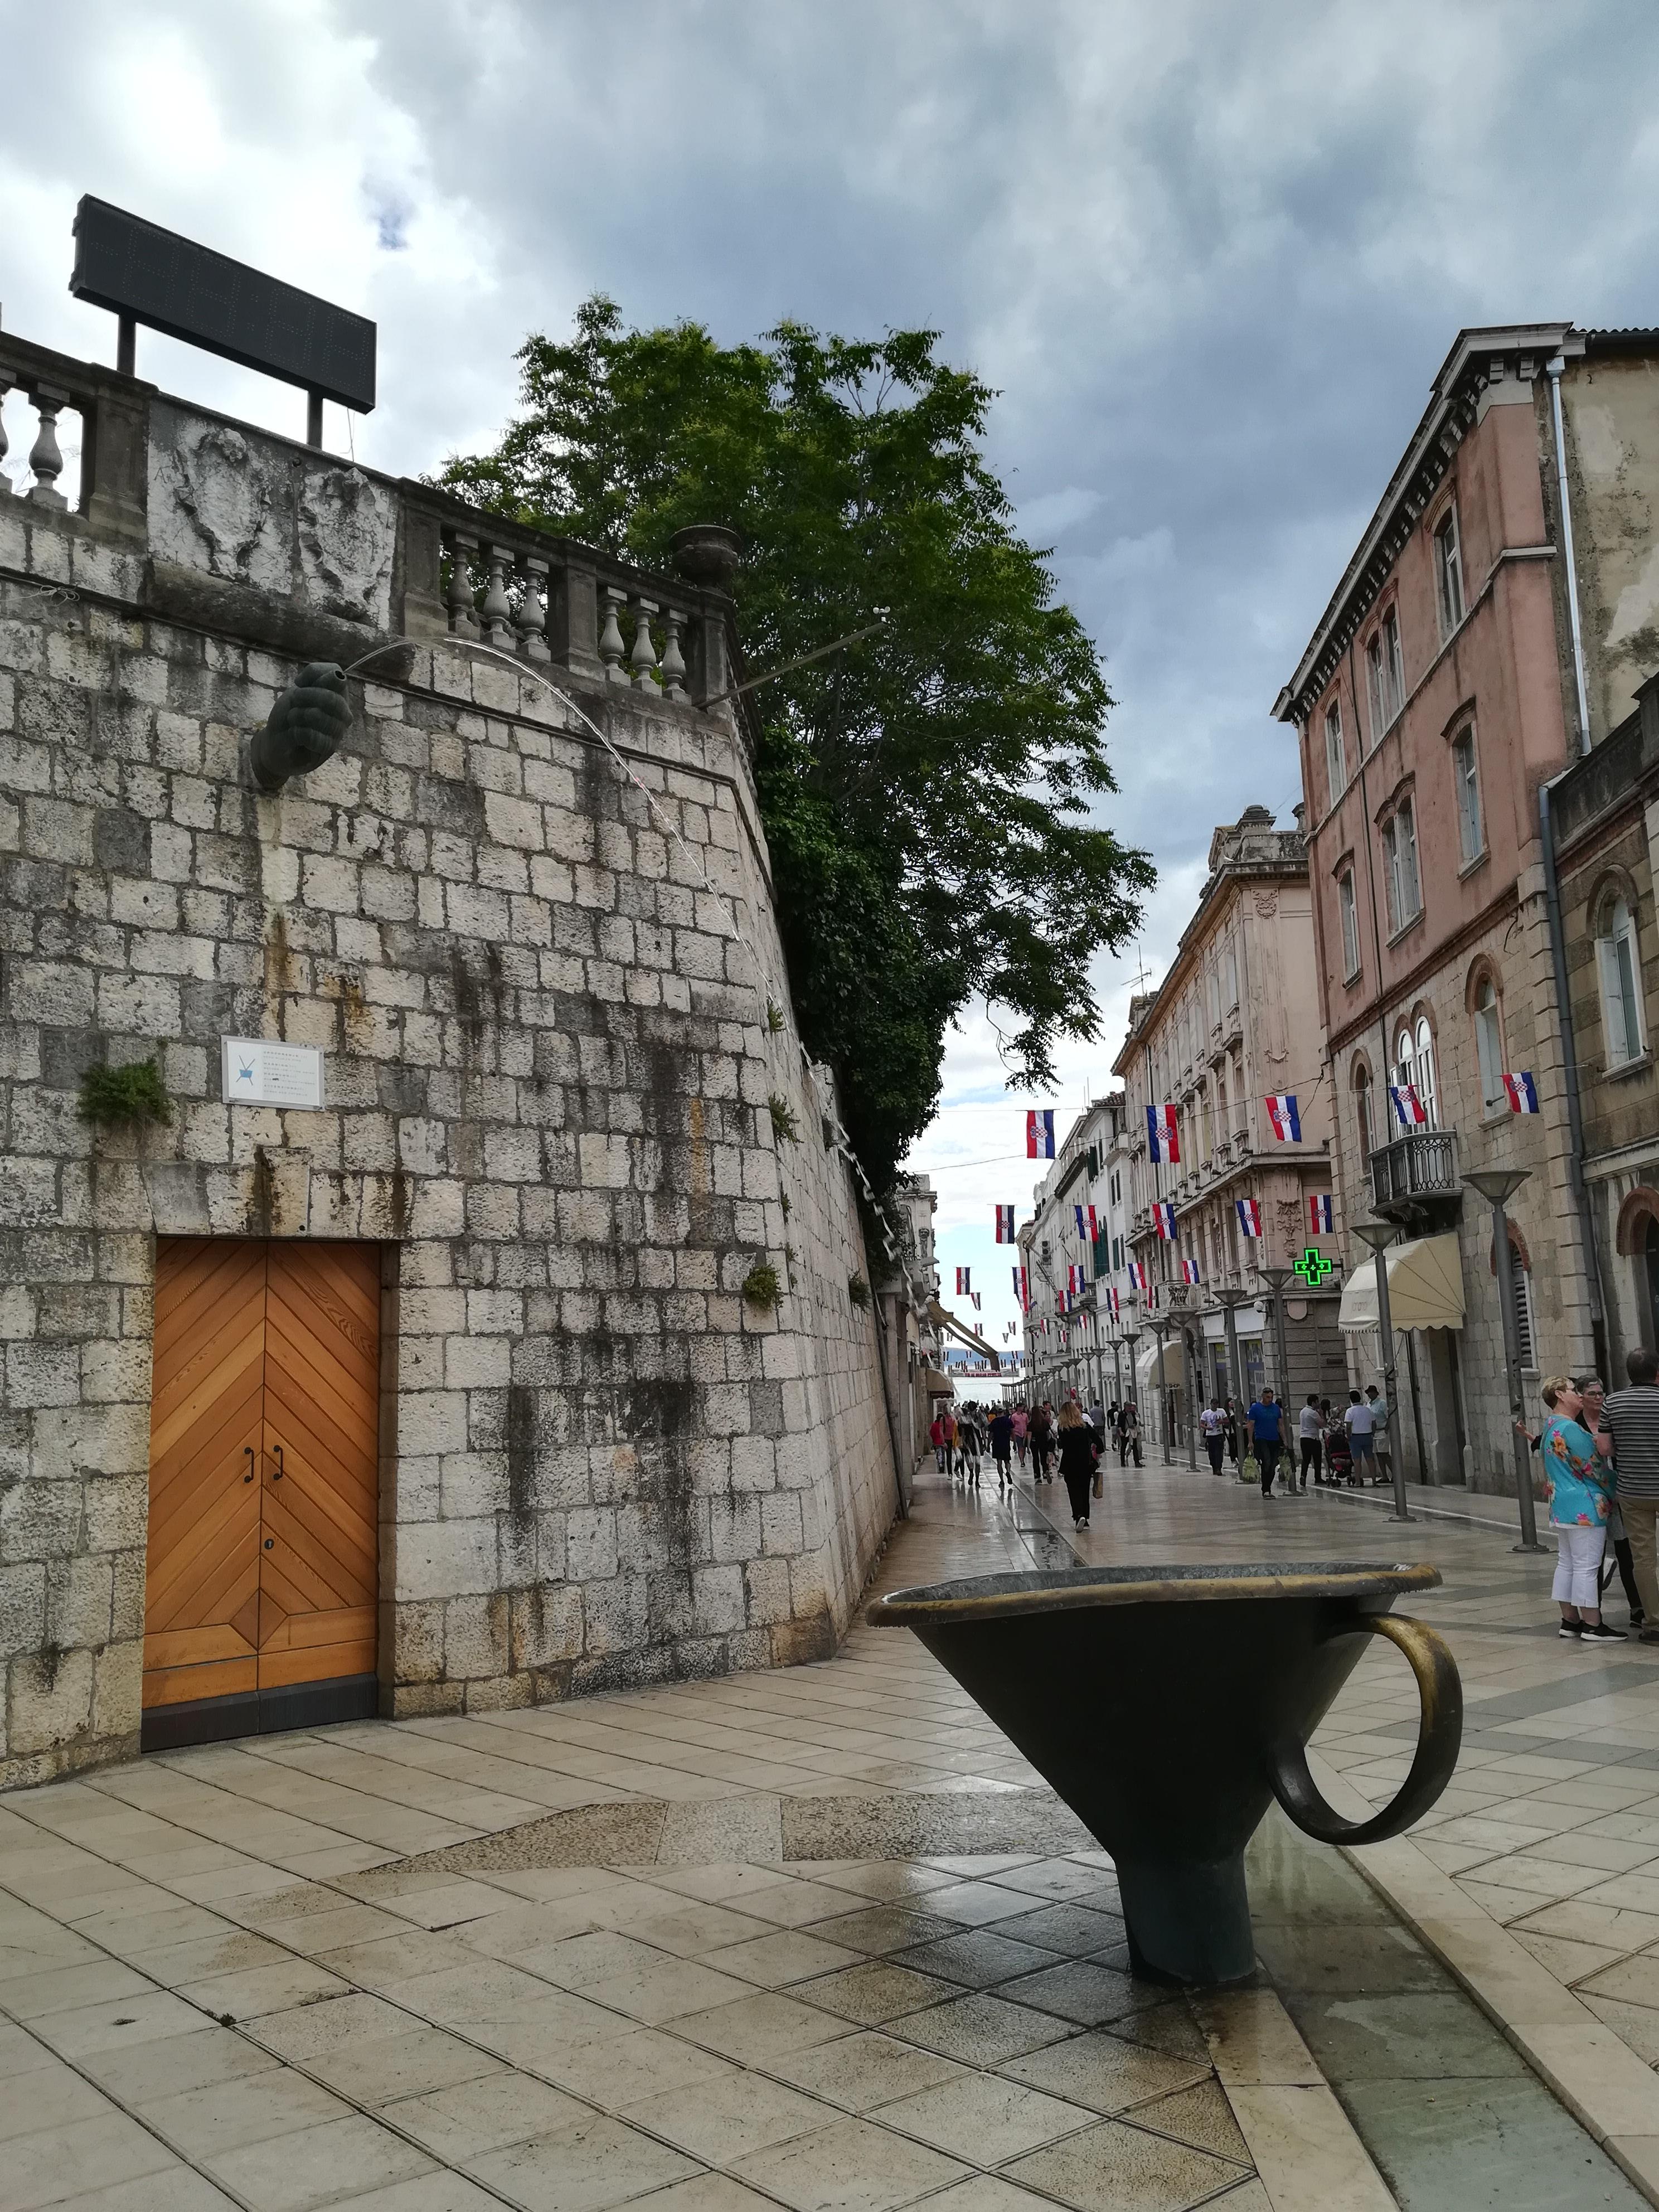 Fonte Funil (Pirja Fountain), no centro de Split